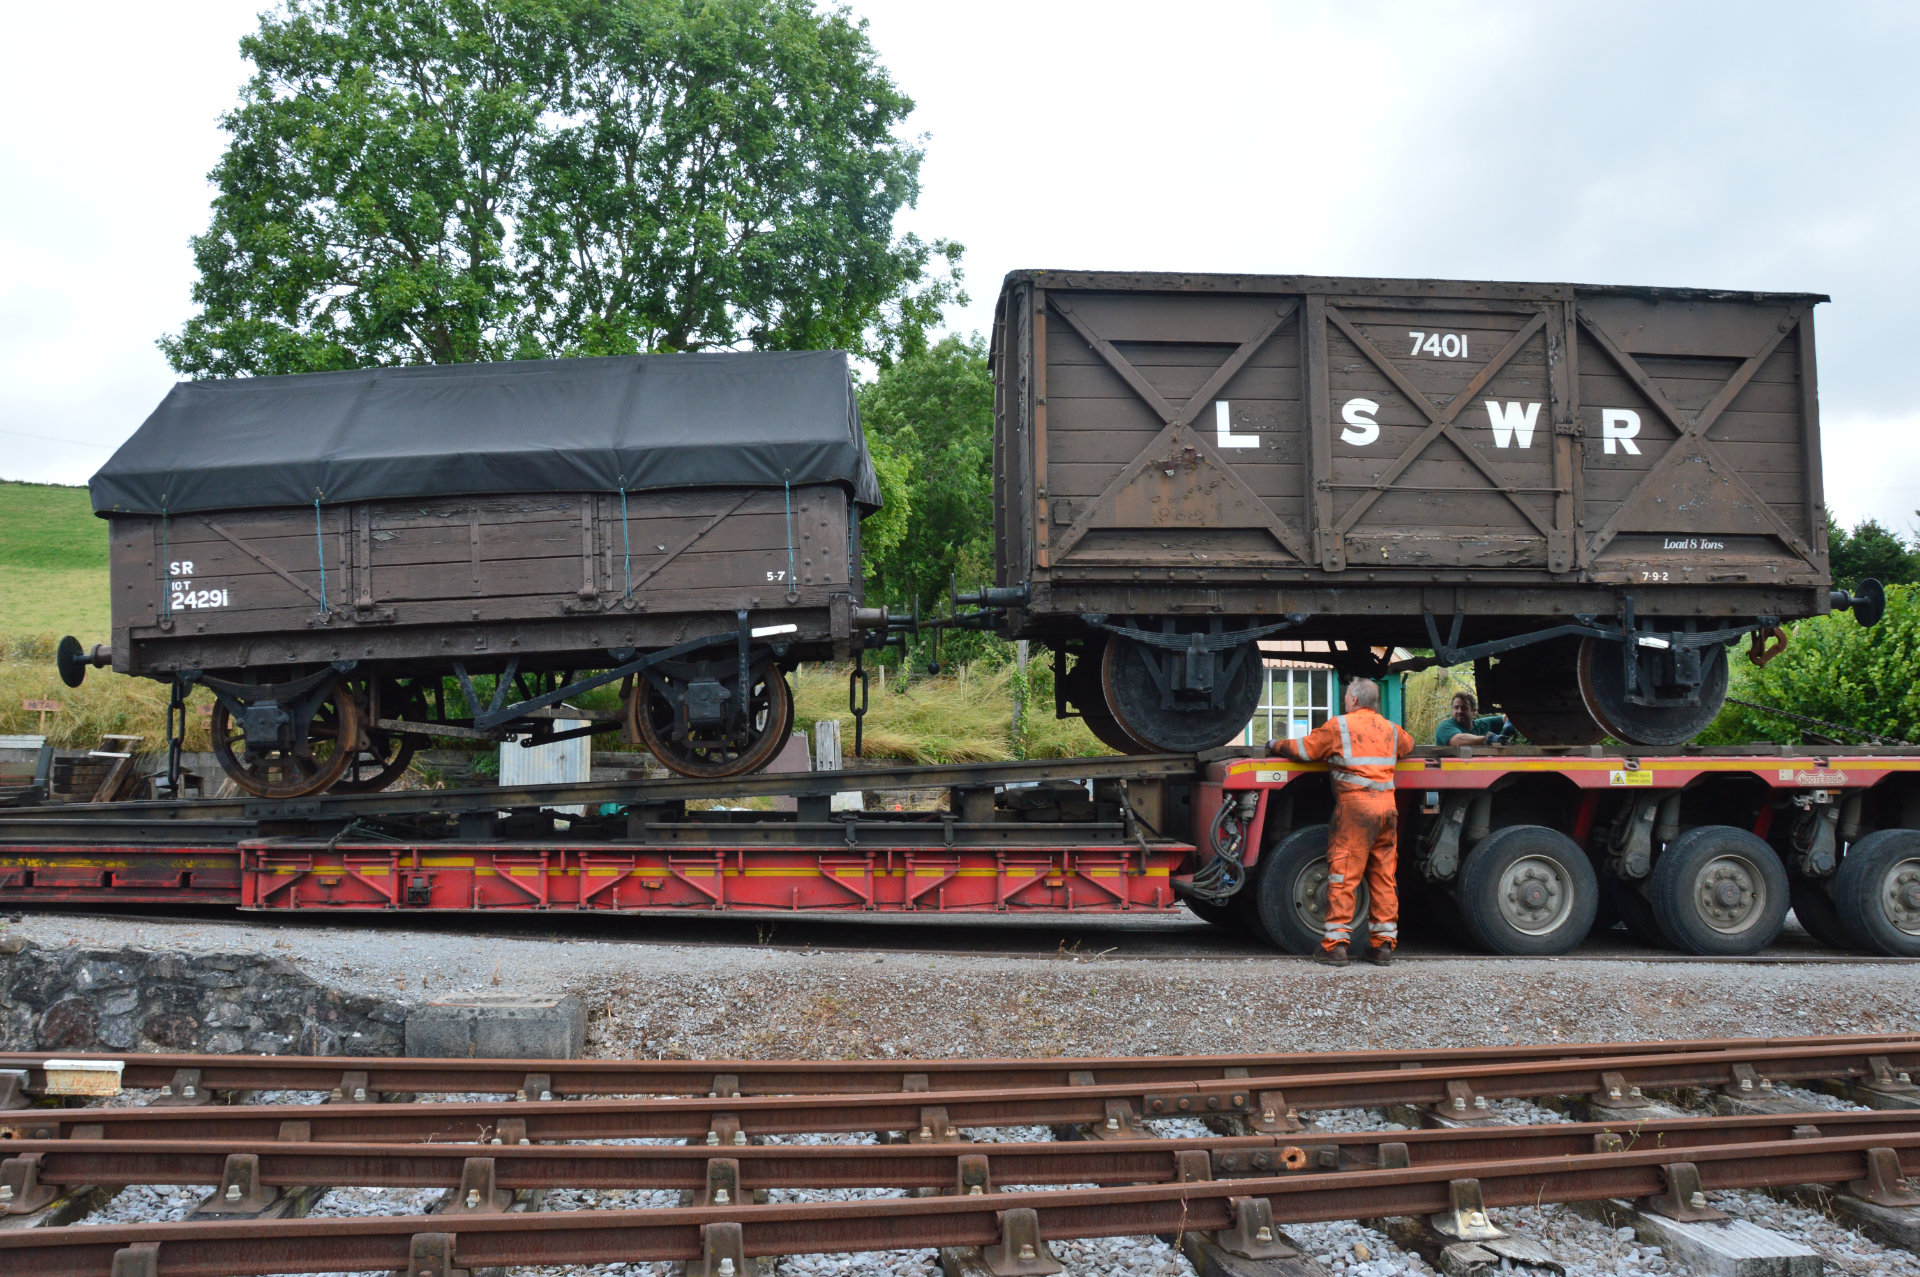 L&SWR van (SR 42XXX) and LB&SCR wagon 24291 at Washford